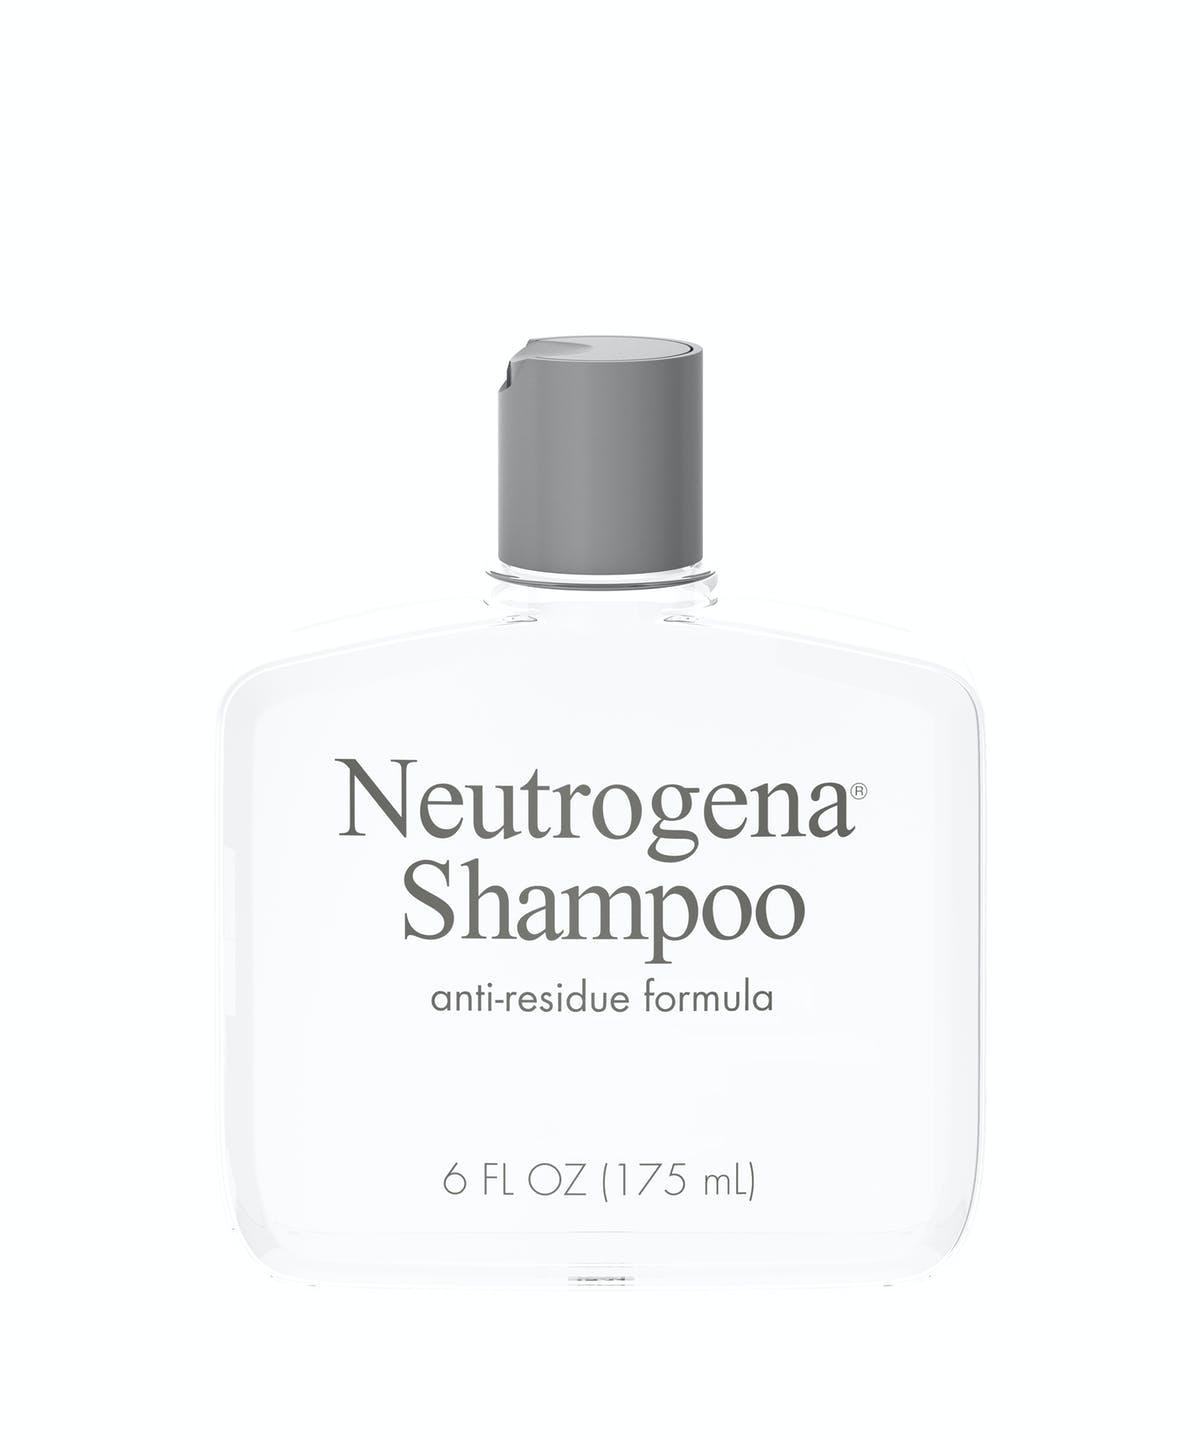 Neutrogena Anti-Residue Shampoo Formula